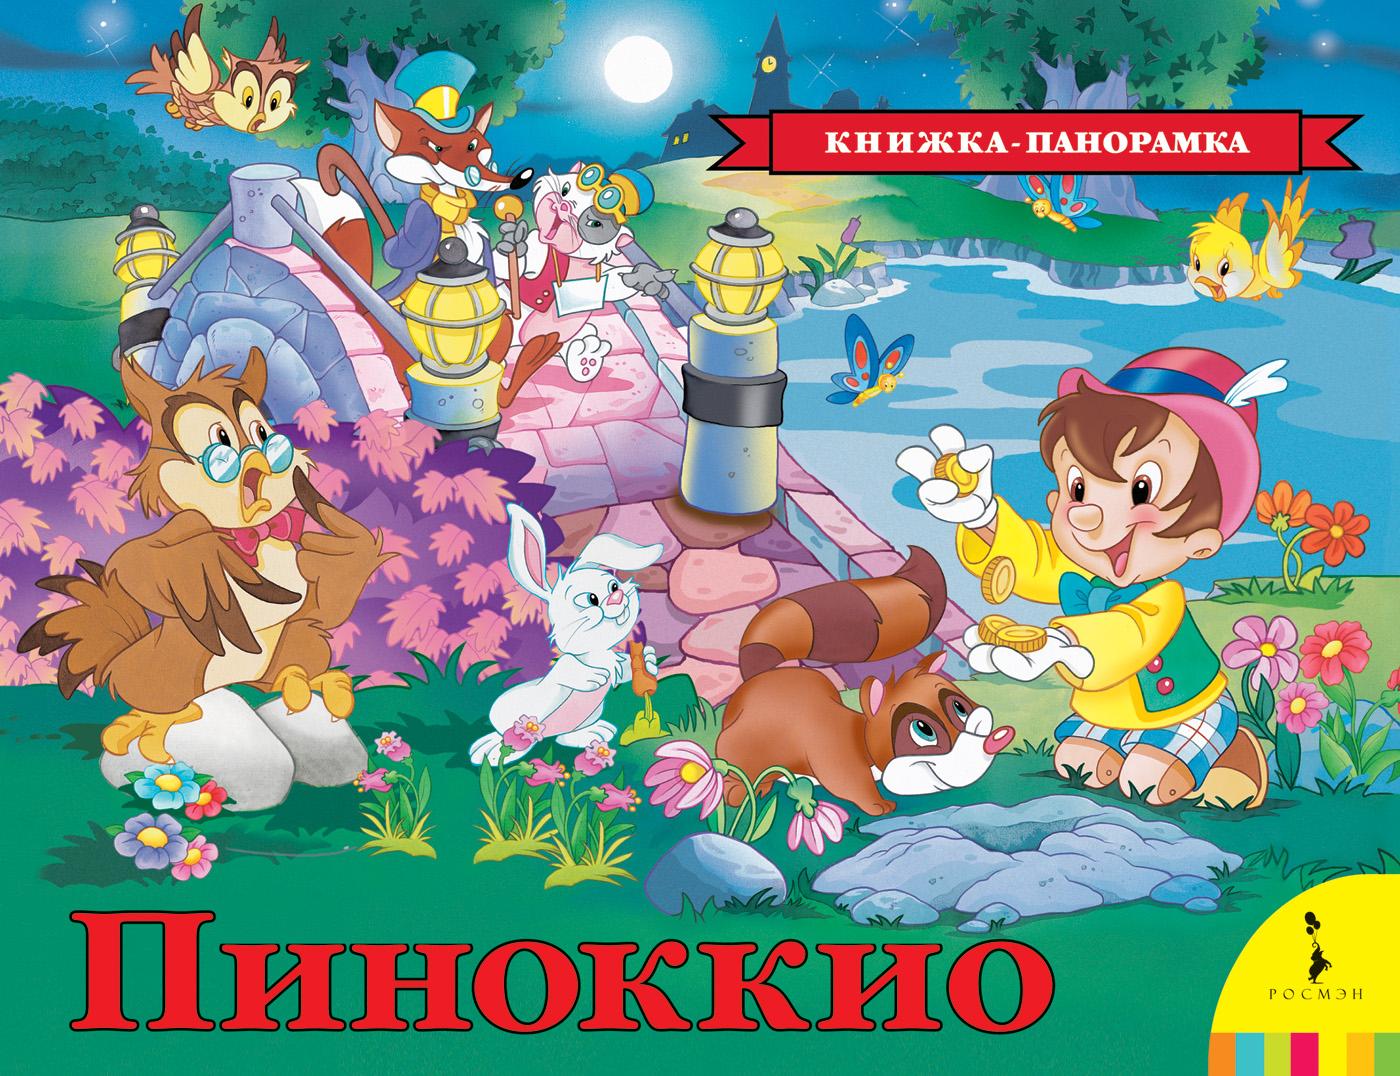 Пиноккио. Книжка-панорамка